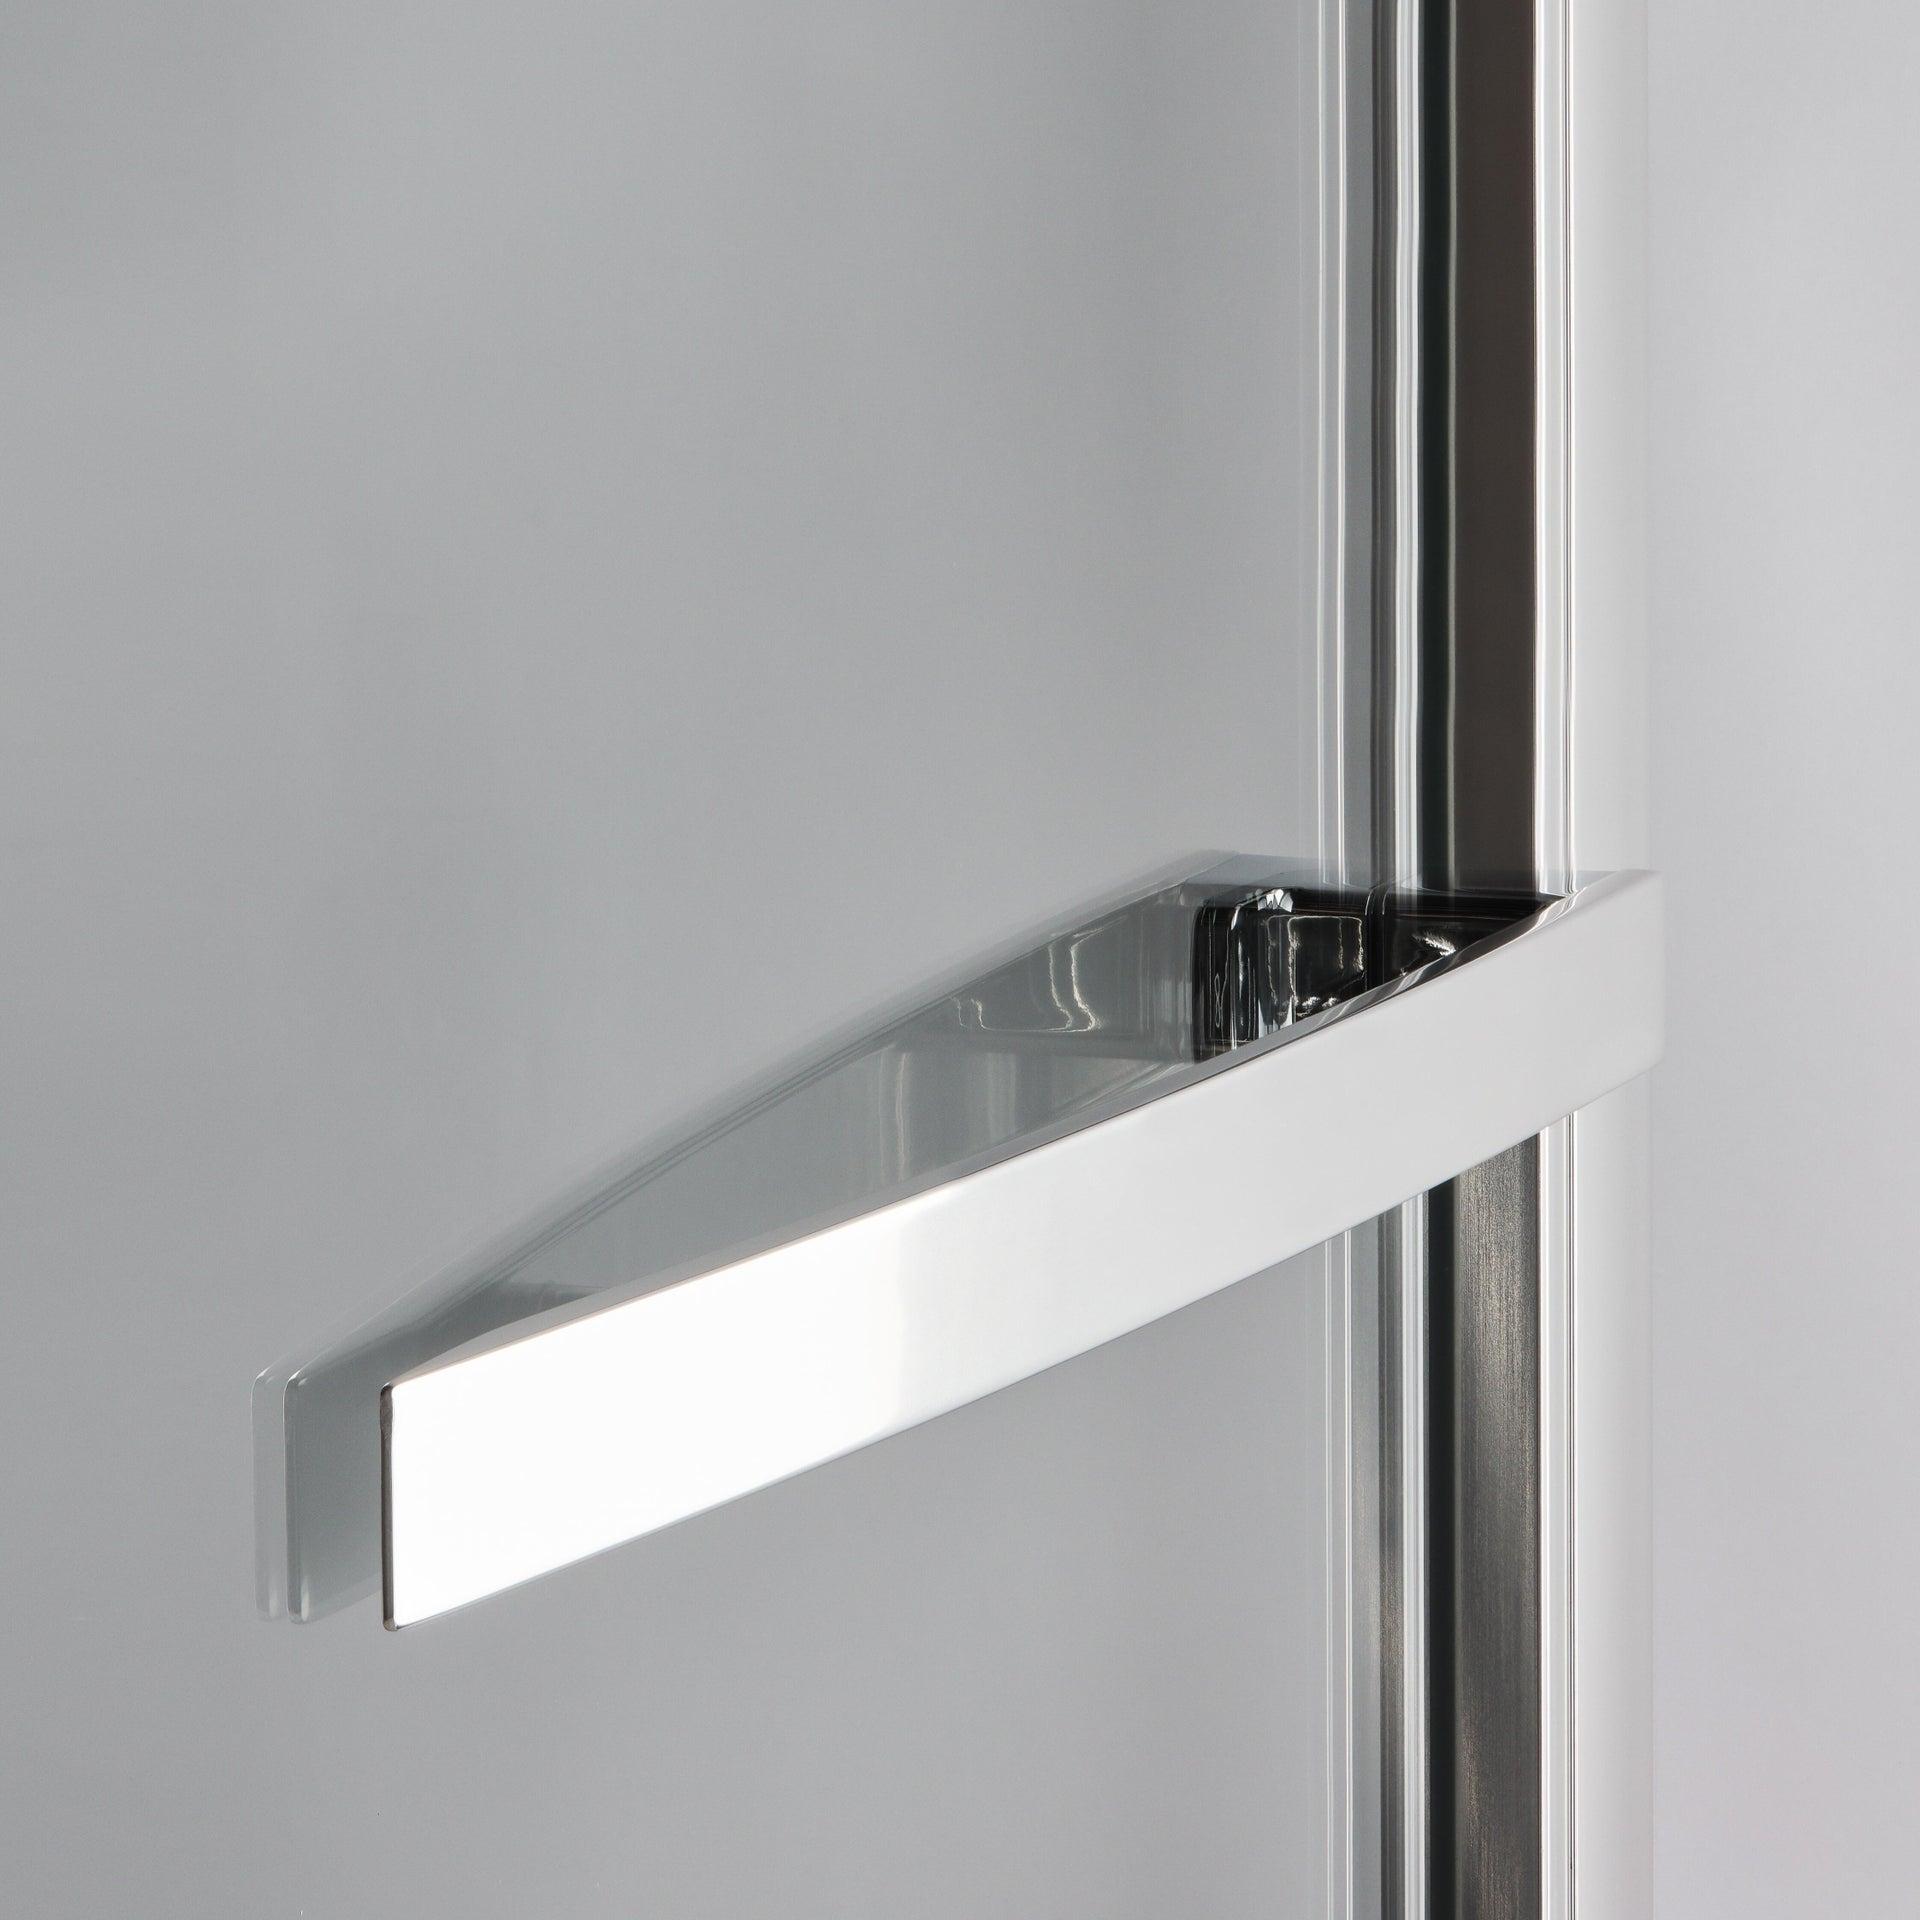 Porta doccia battente Namara 120 cm, H 195 cm in vetro temprato, spessore 8 mm trasparente silver - 2